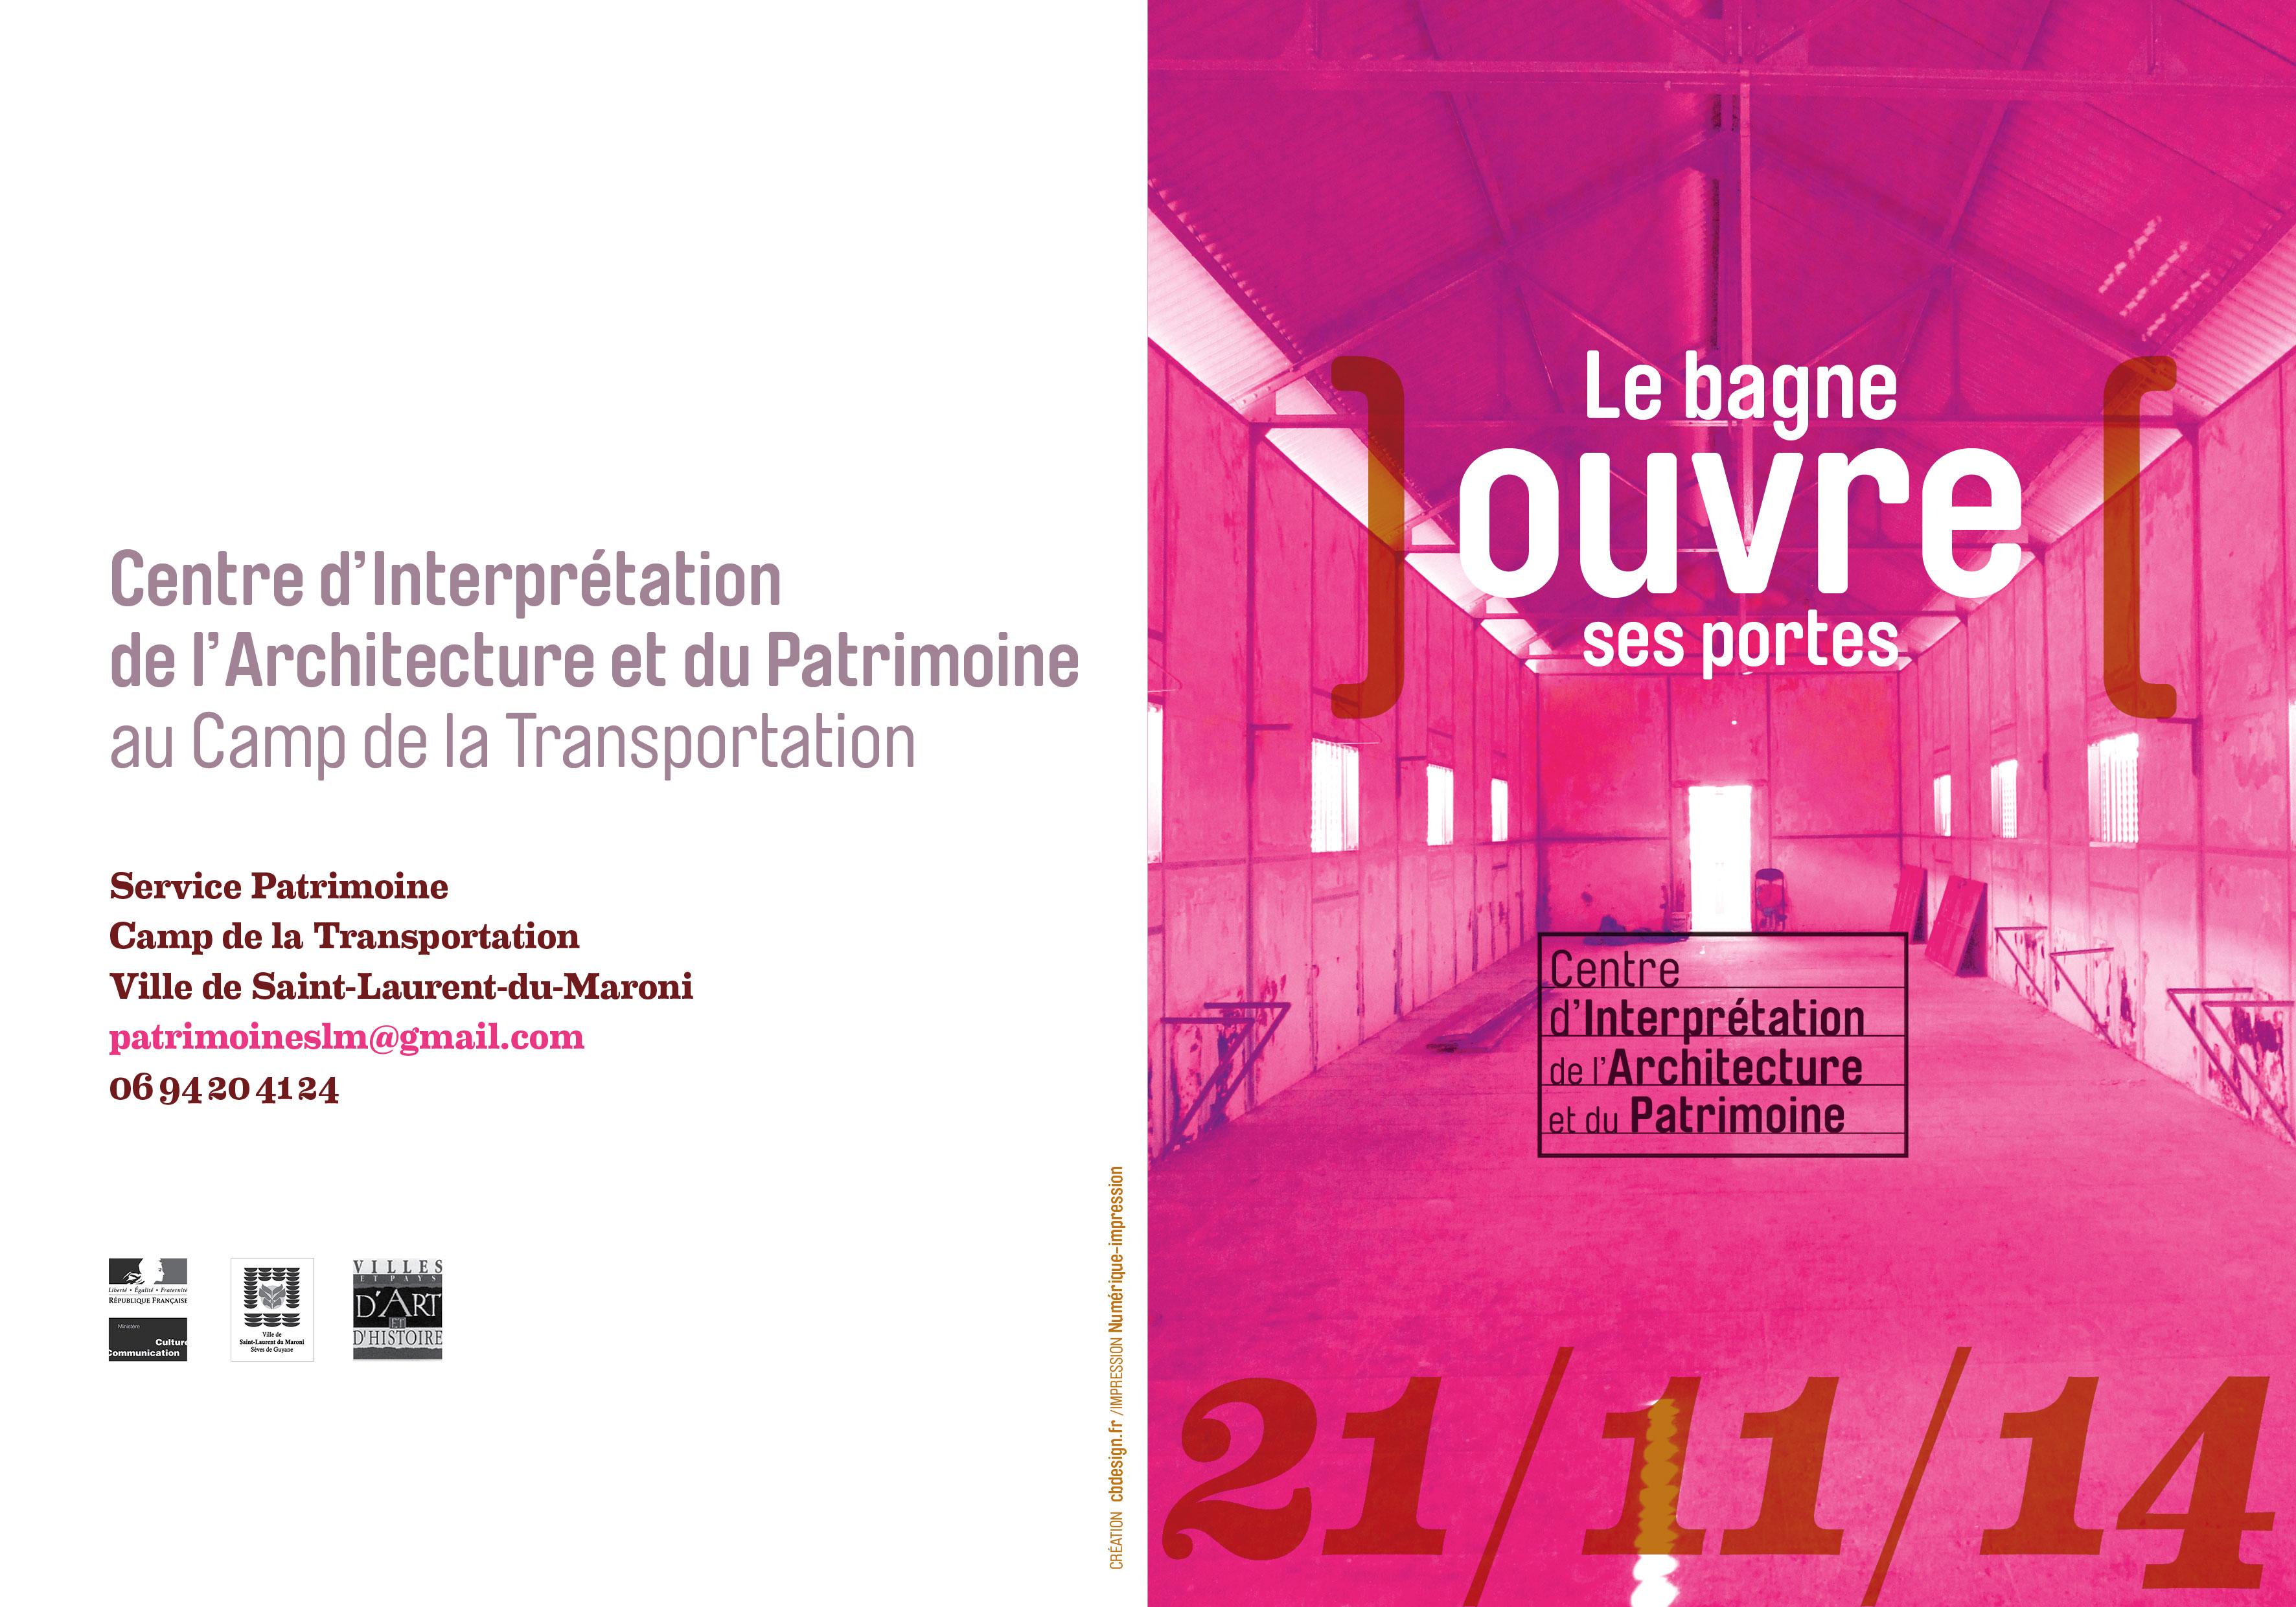 Un centre d'interprétation d'architecture du patrimoine à Saint-Laurent-du-Maroni.